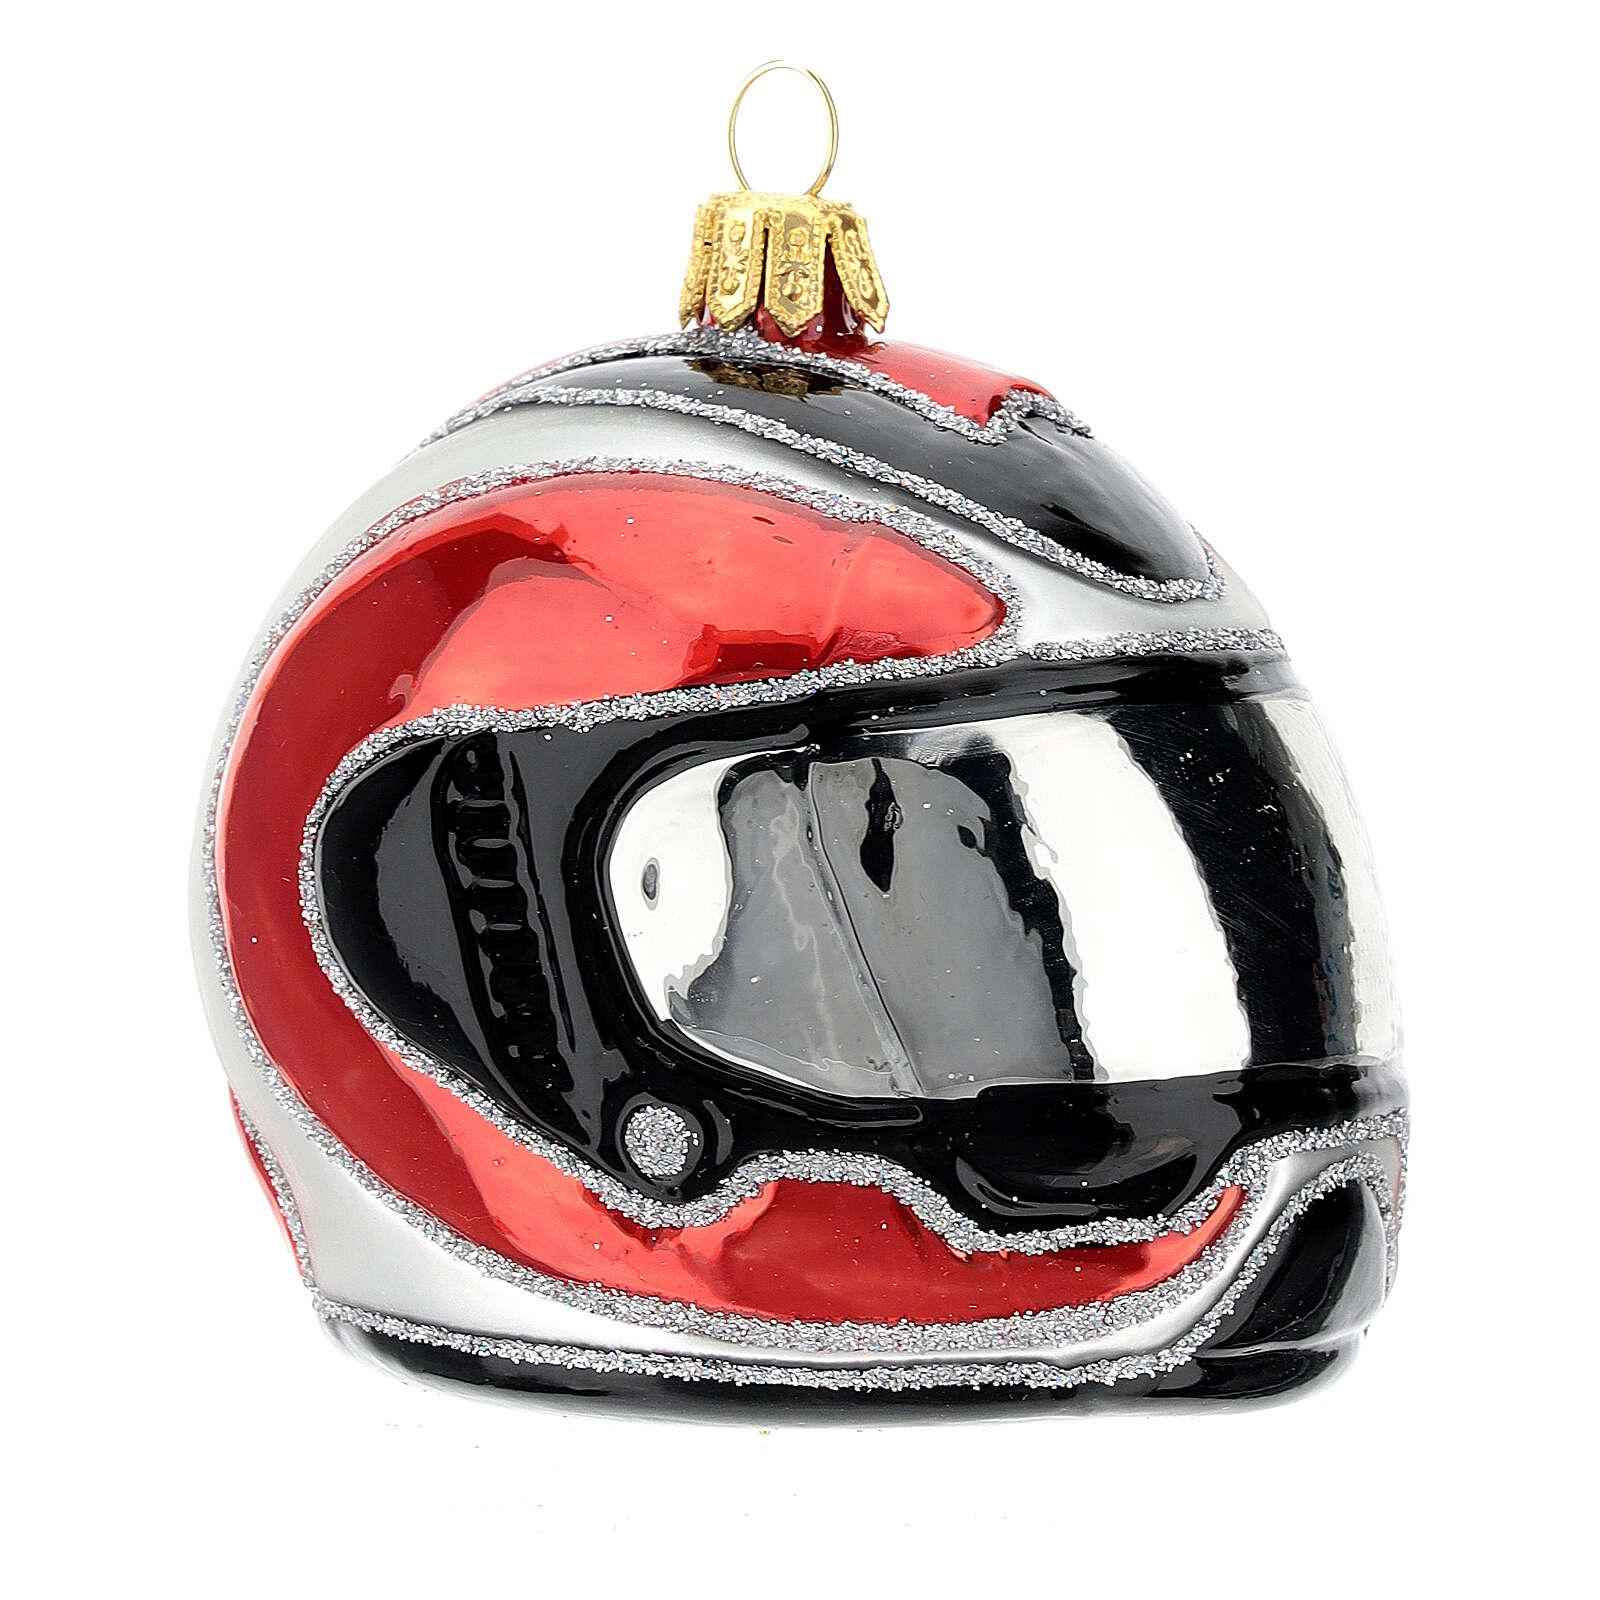 Casque moto verre soufflé décoration sapin Noël 4